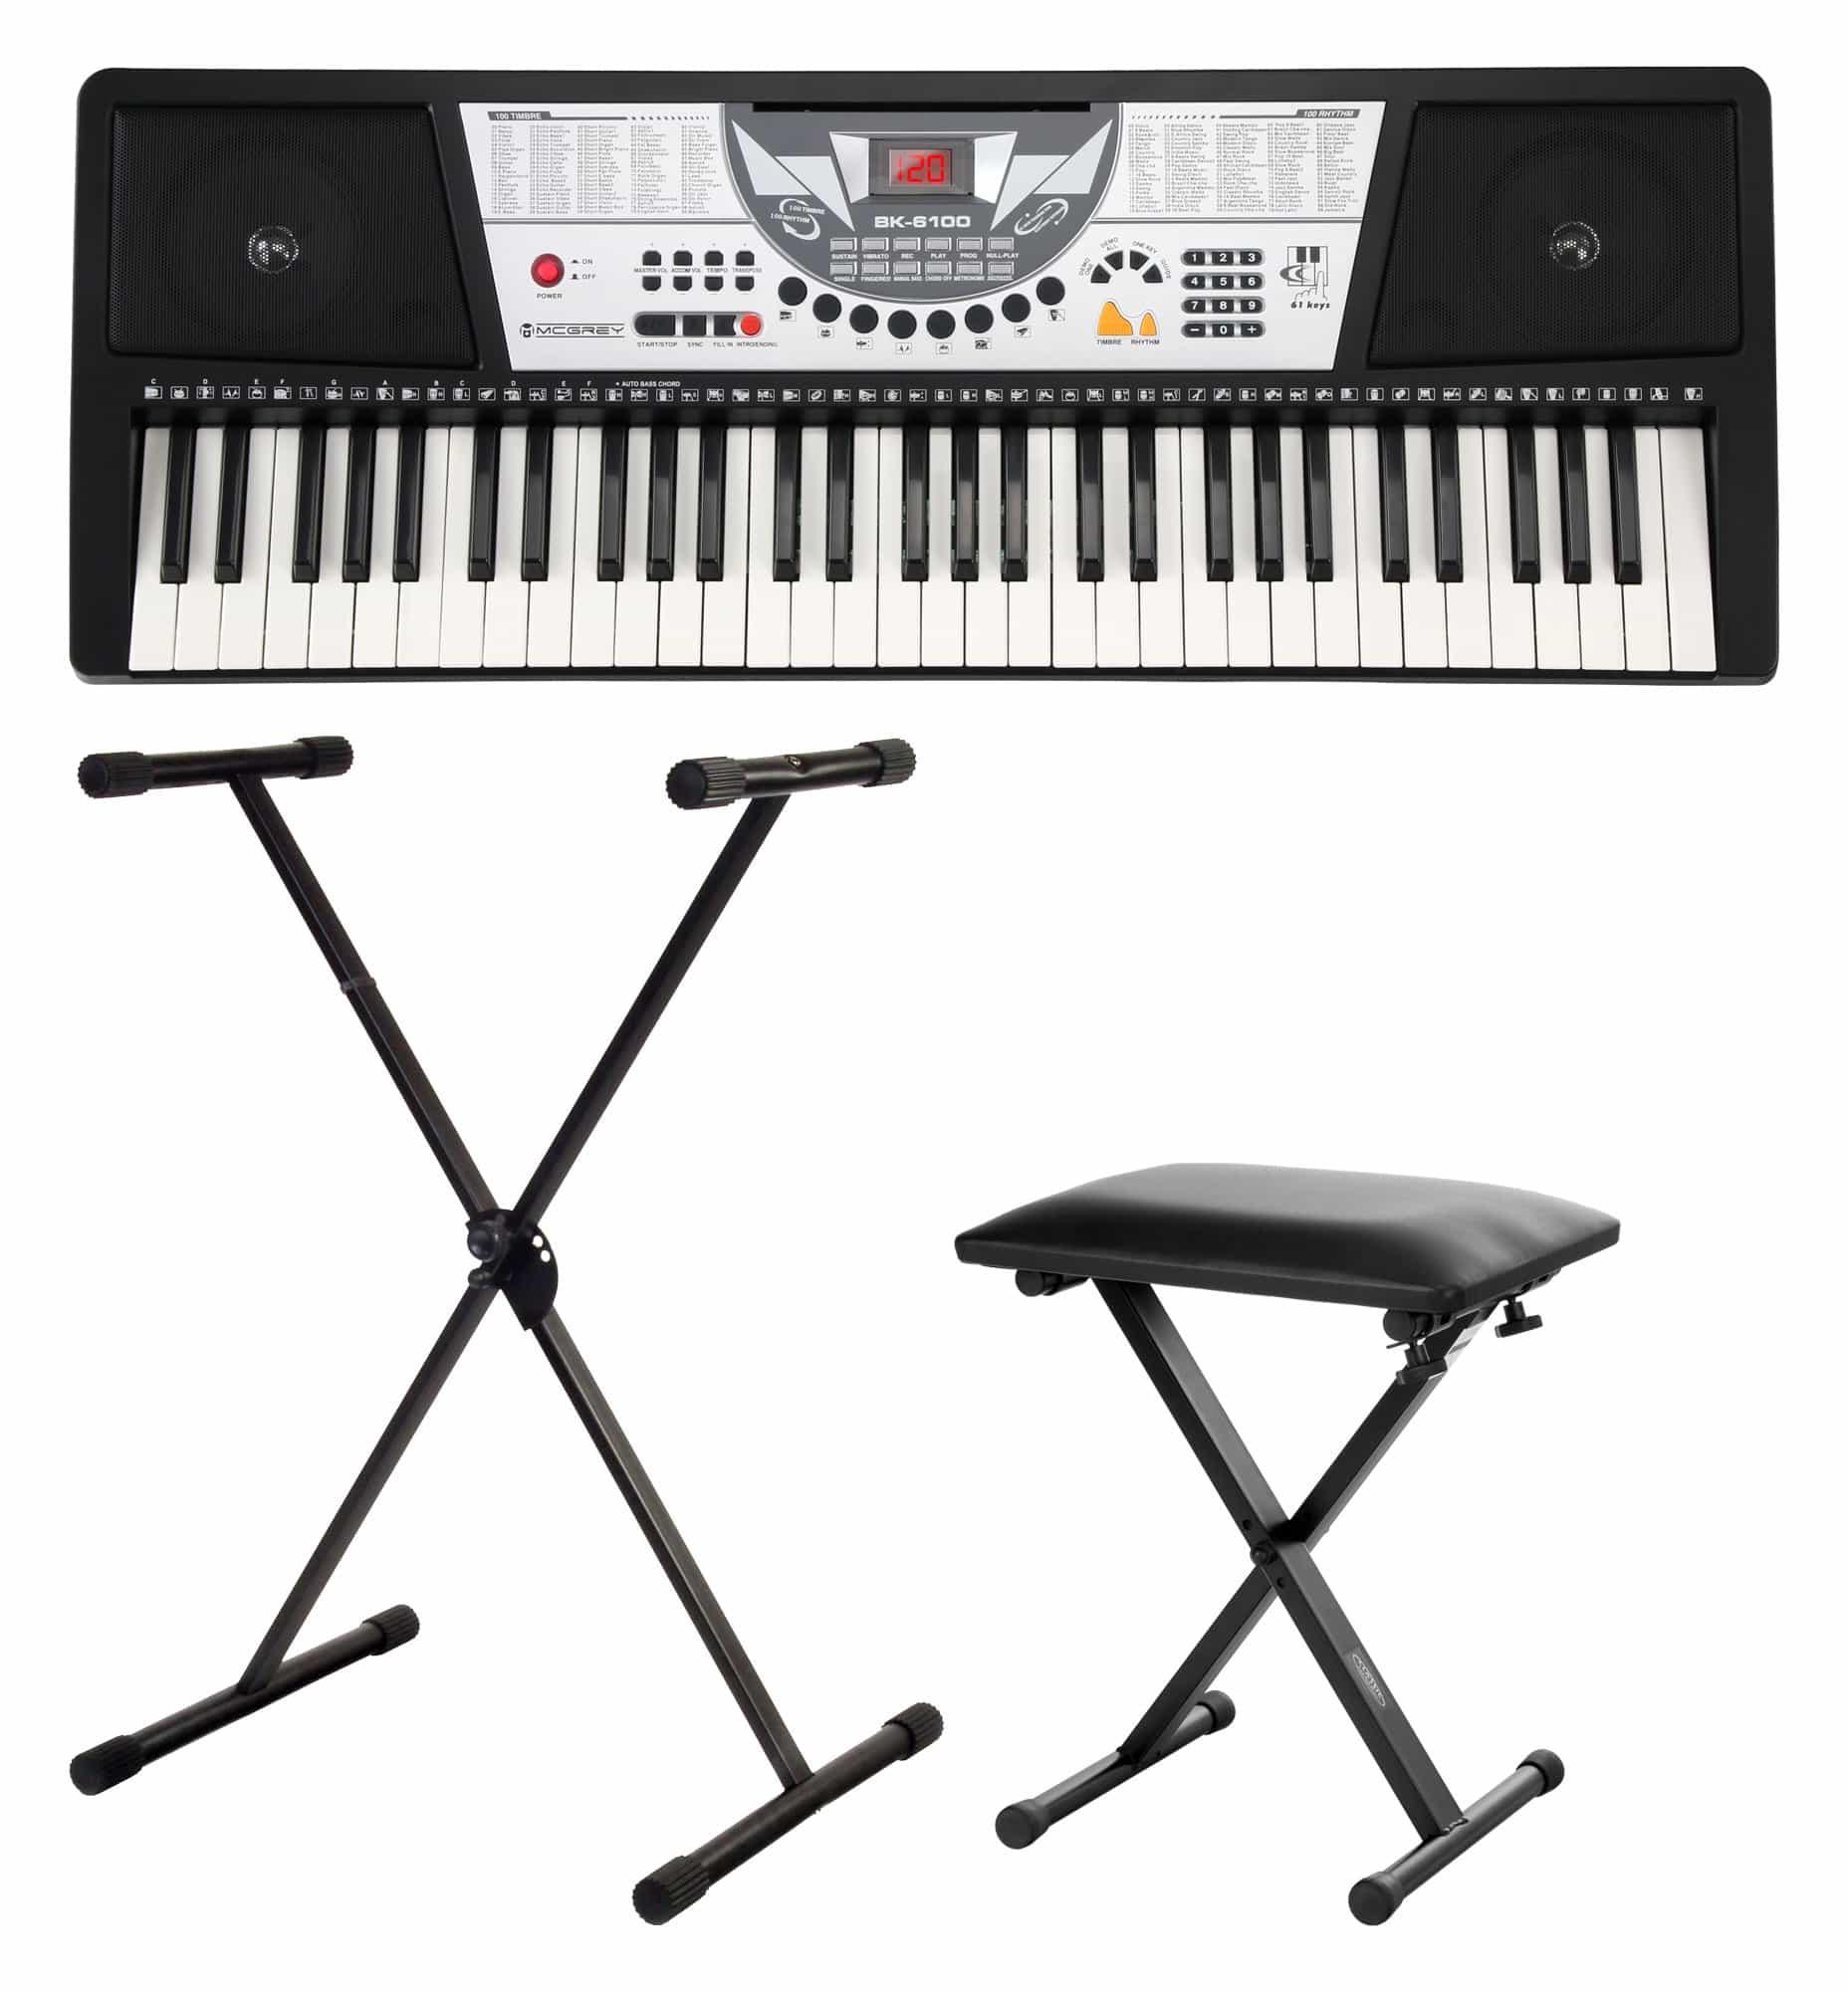 McGrey BK 6100 Keyboard SET inkl. Ständer und Bank